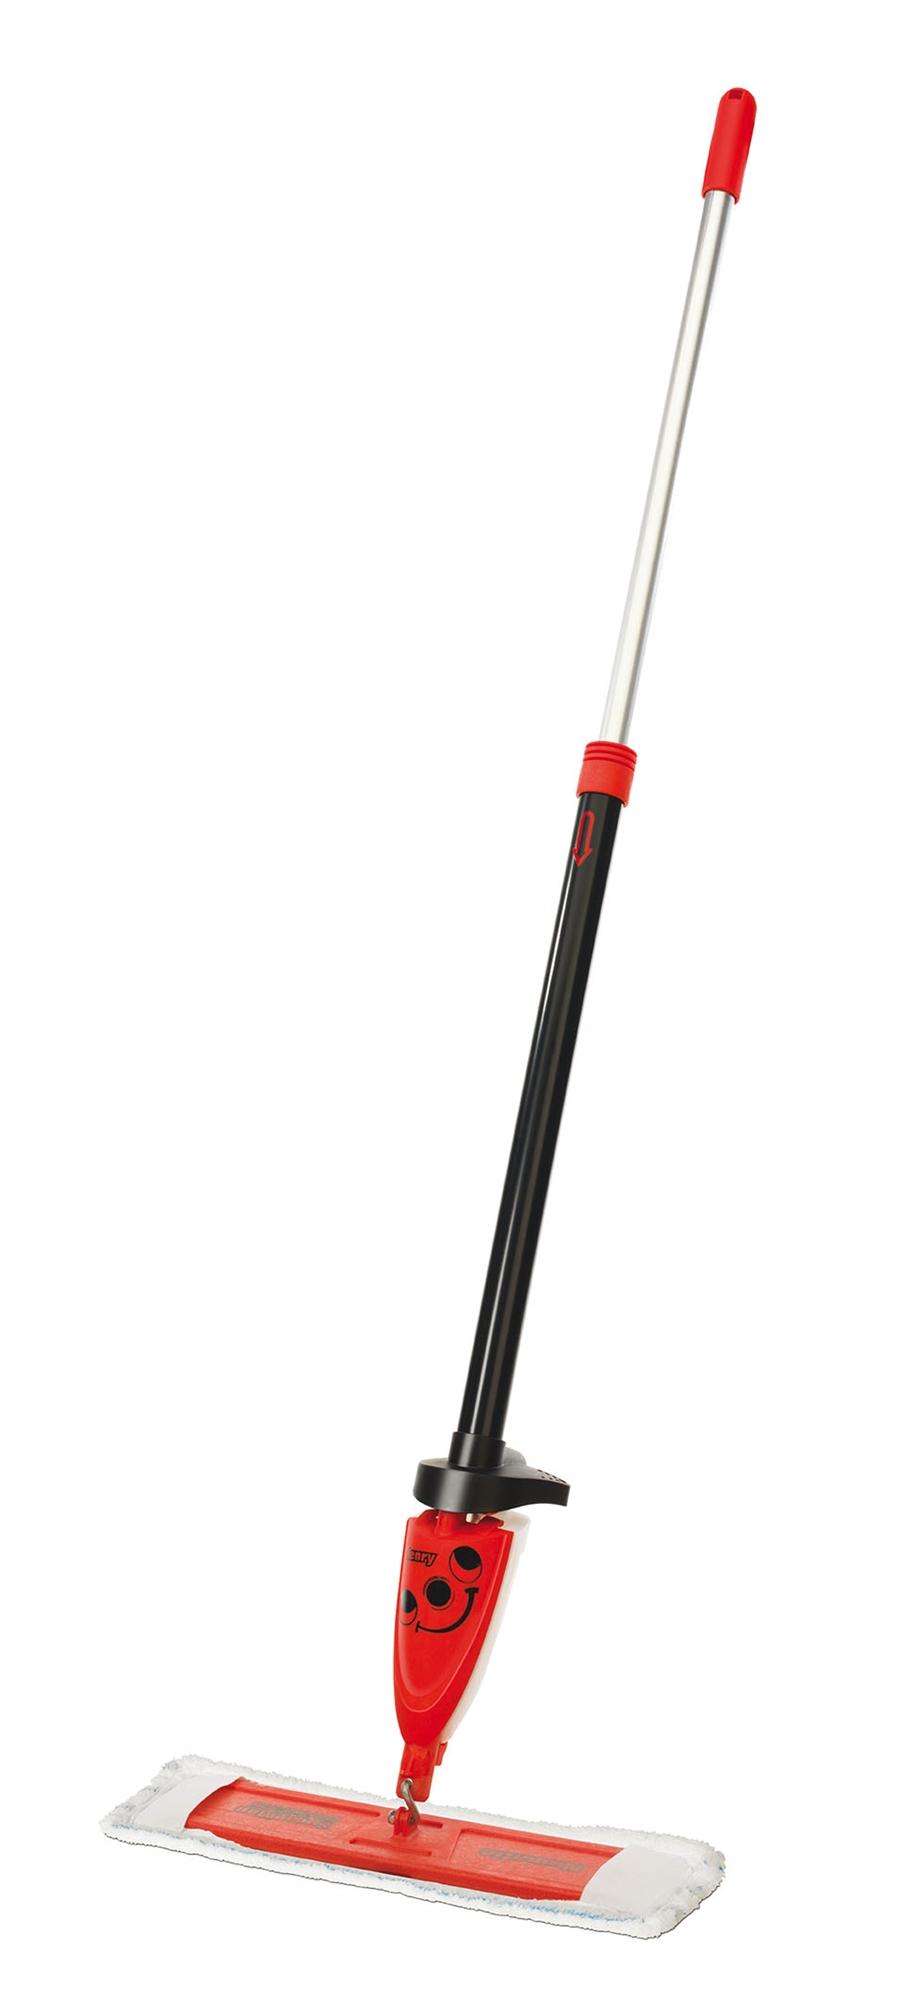 henry spray mop france. Black Bedroom Furniture Sets. Home Design Ideas